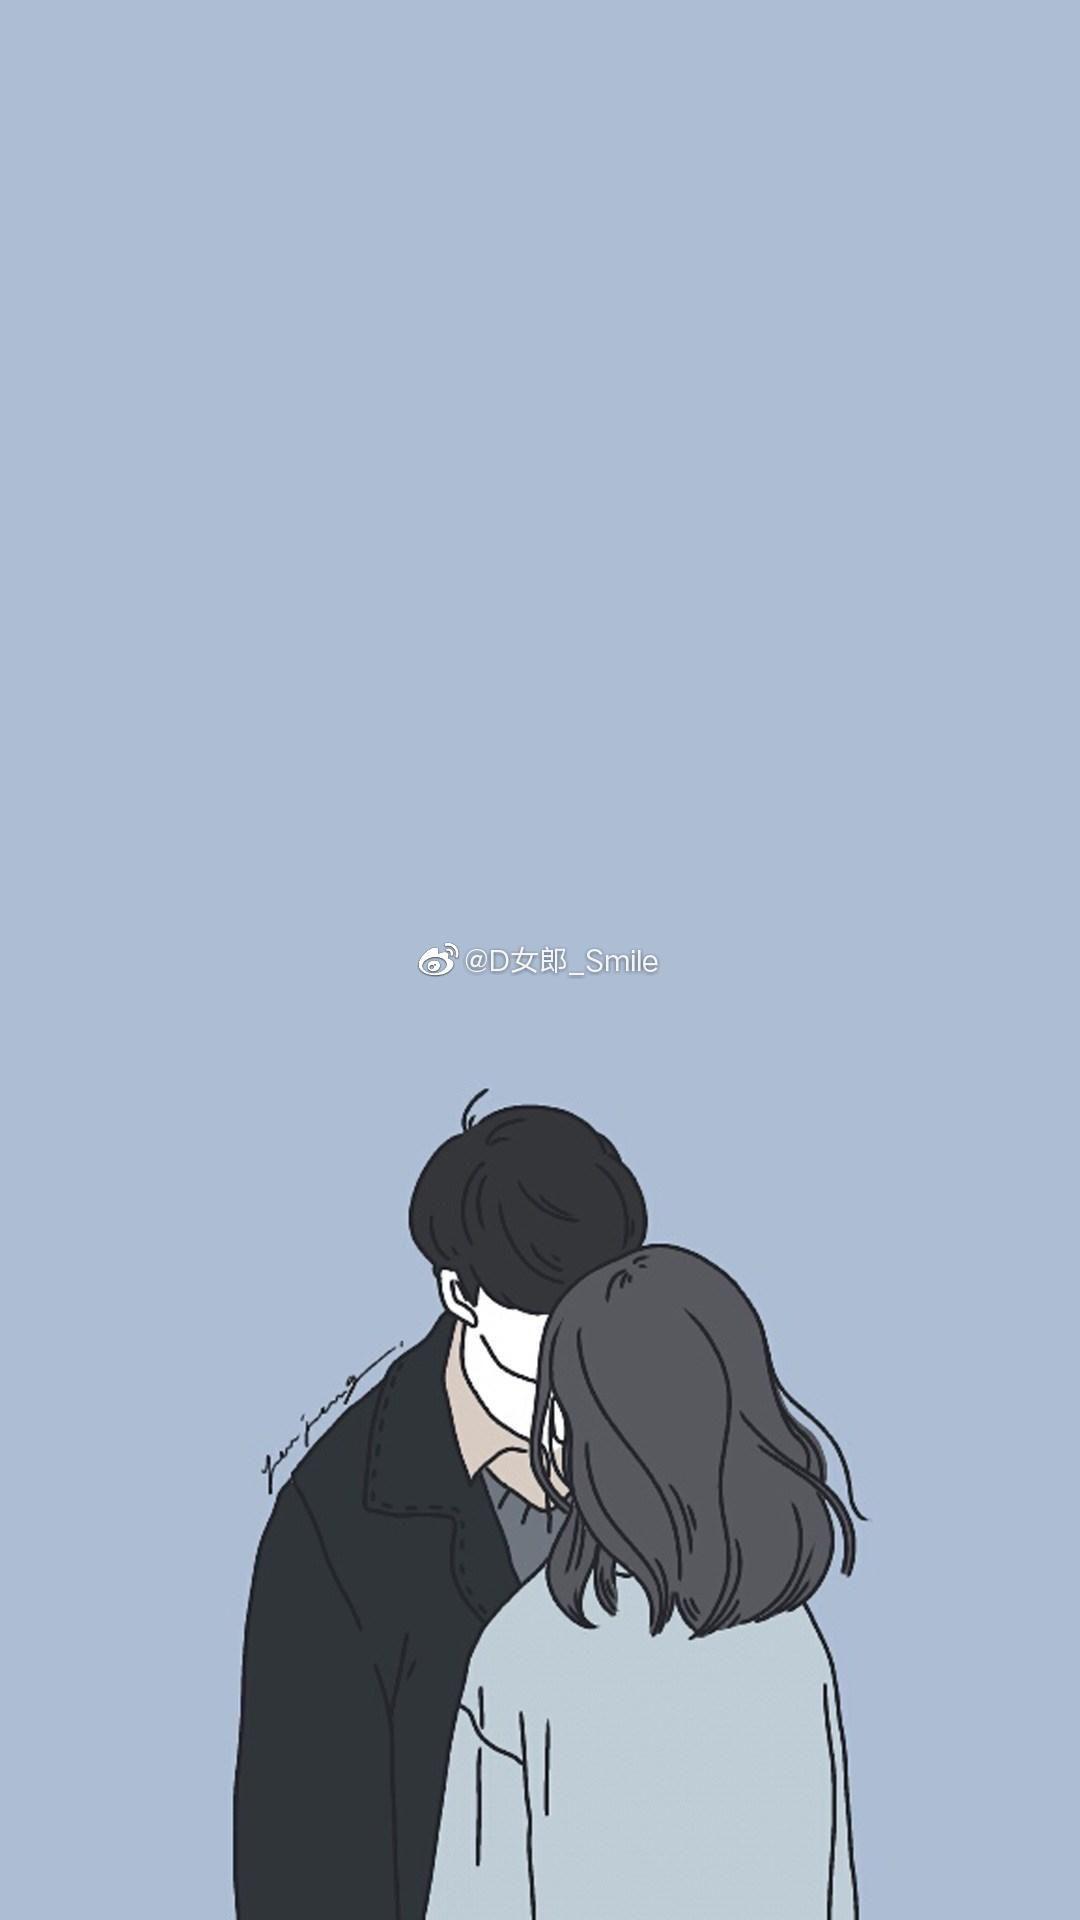 Pin Oleh Iuoɹ Di Art Illustration Ilustrasi Karakter Orang Animasi Ilustrasi Orang